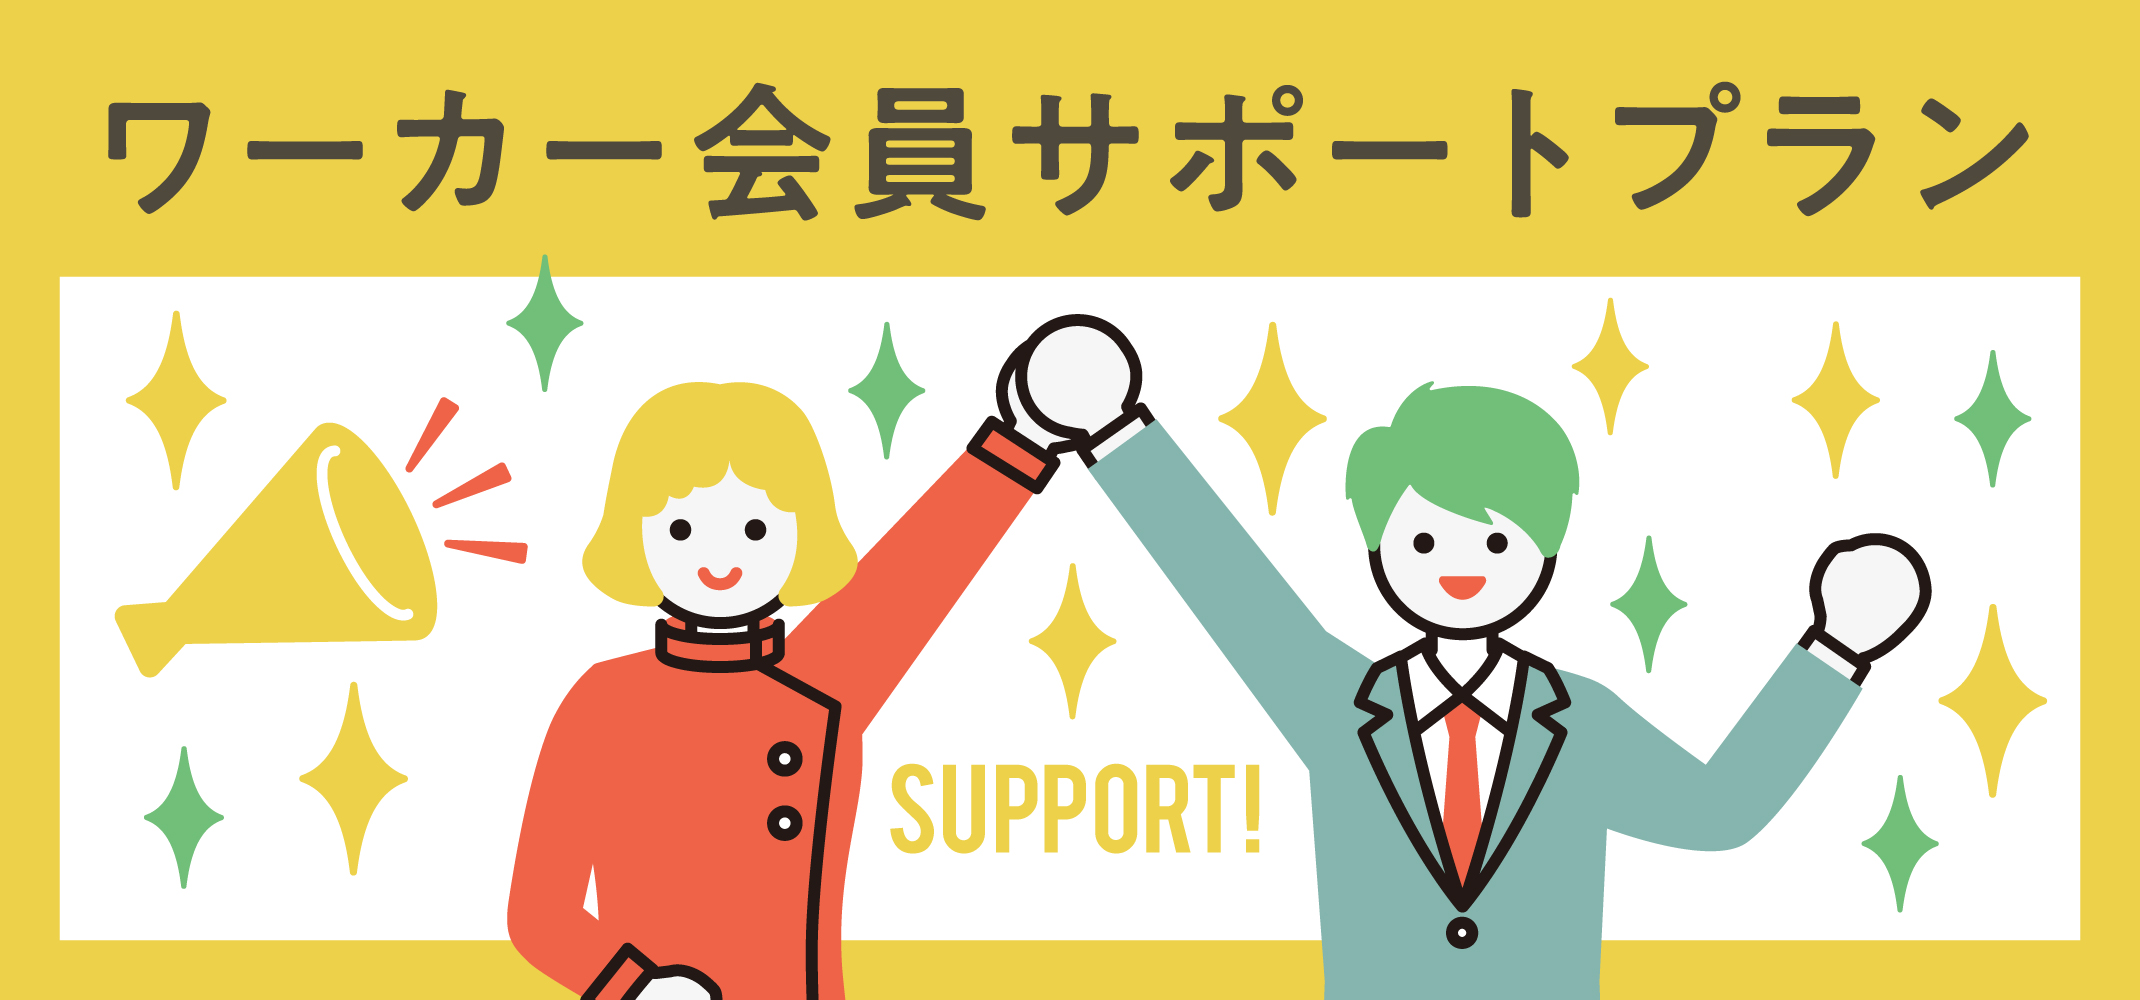 日本初!シェアワーカーが安心して働くための総合支援サービス 「シェアワーカー 会員サポートプラン」開発者にインタビュー